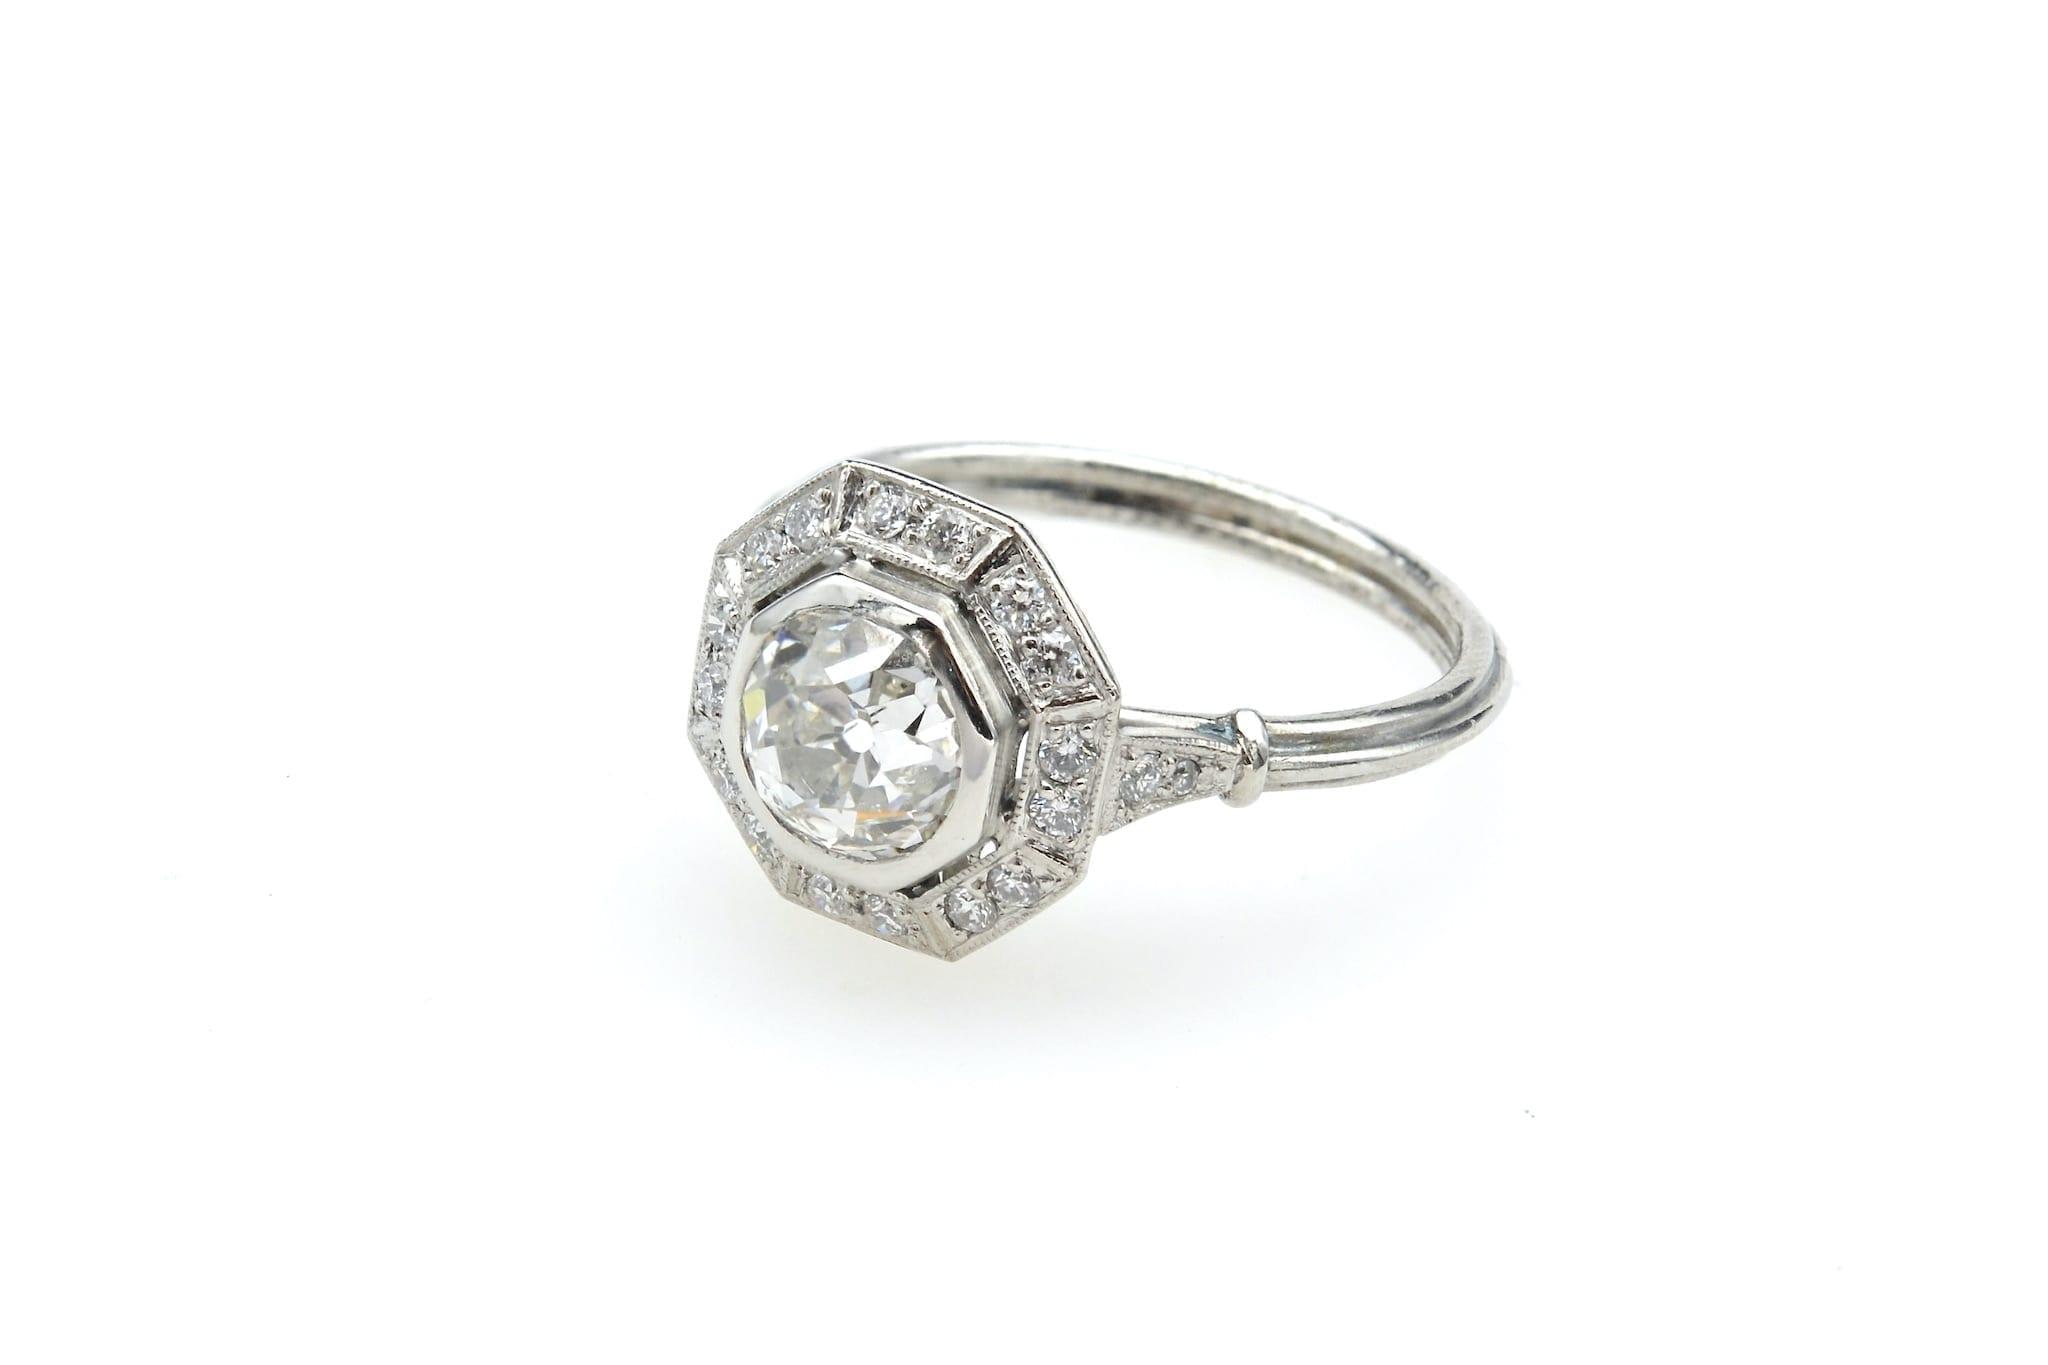 Bague ocotogonale diamants en platine